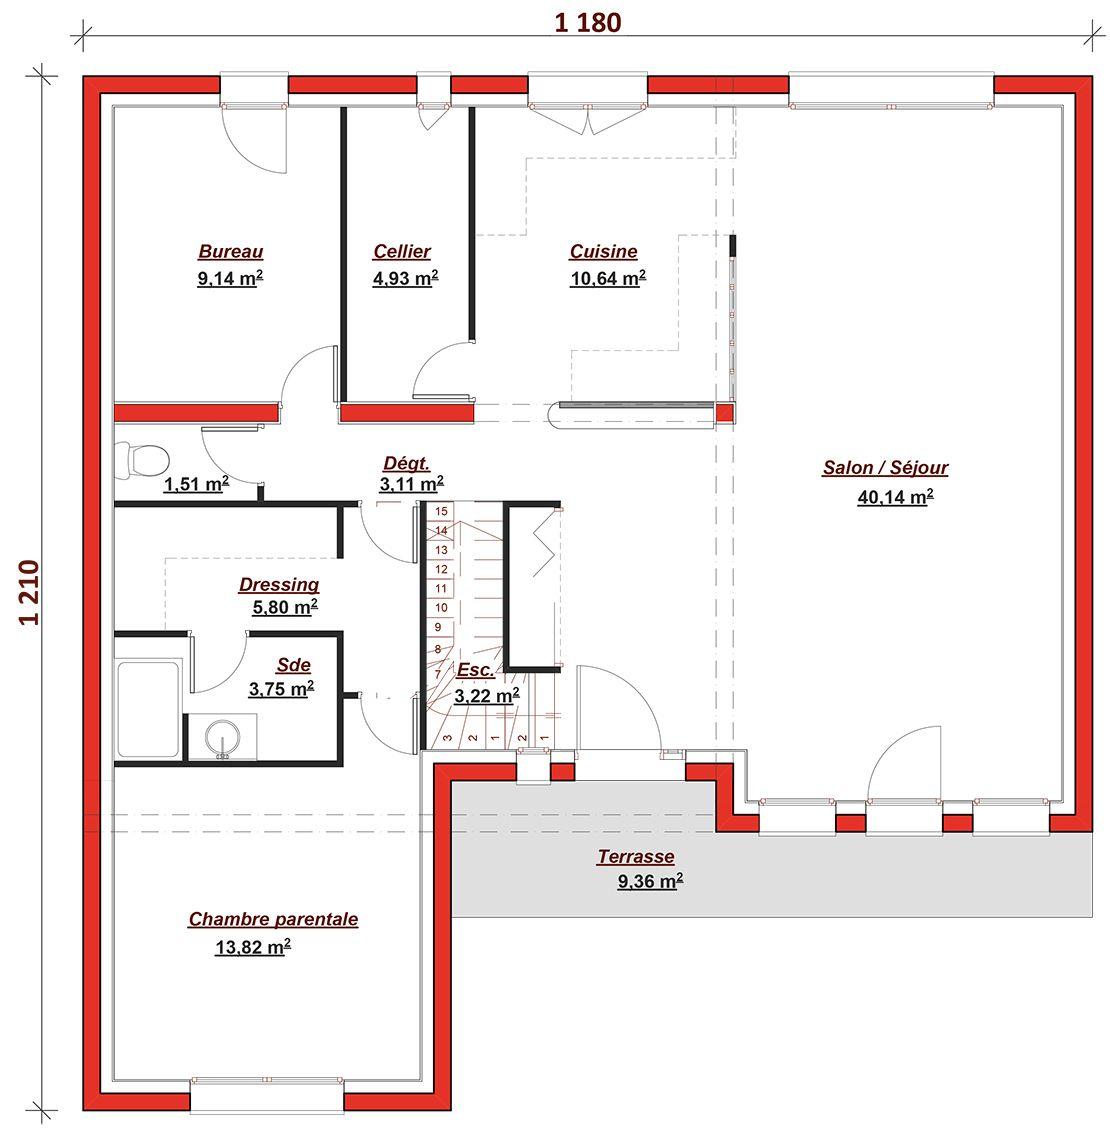 Maison tertre 145 maisons berval 306900 euros 145 m2 faire construire sa maison for Plan maison 3 chambres et un bureau